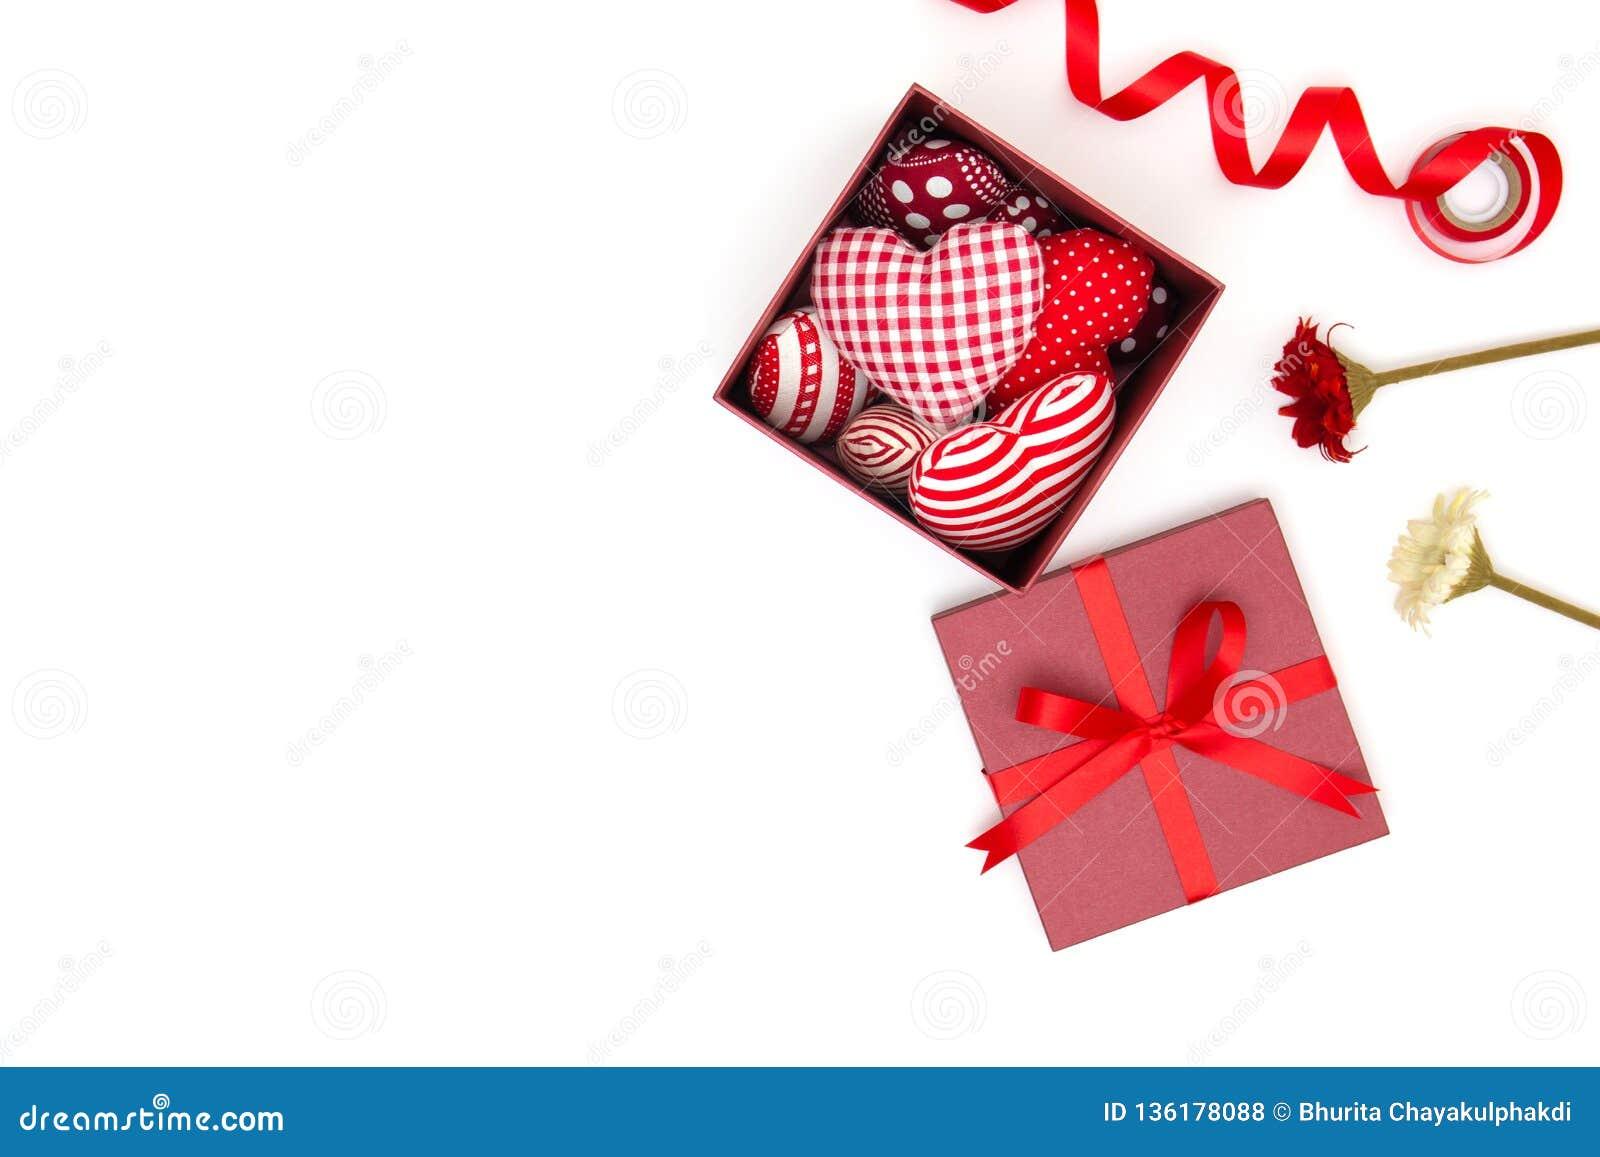 Vlak leg van rood hoofdkussenshart in giftdoos